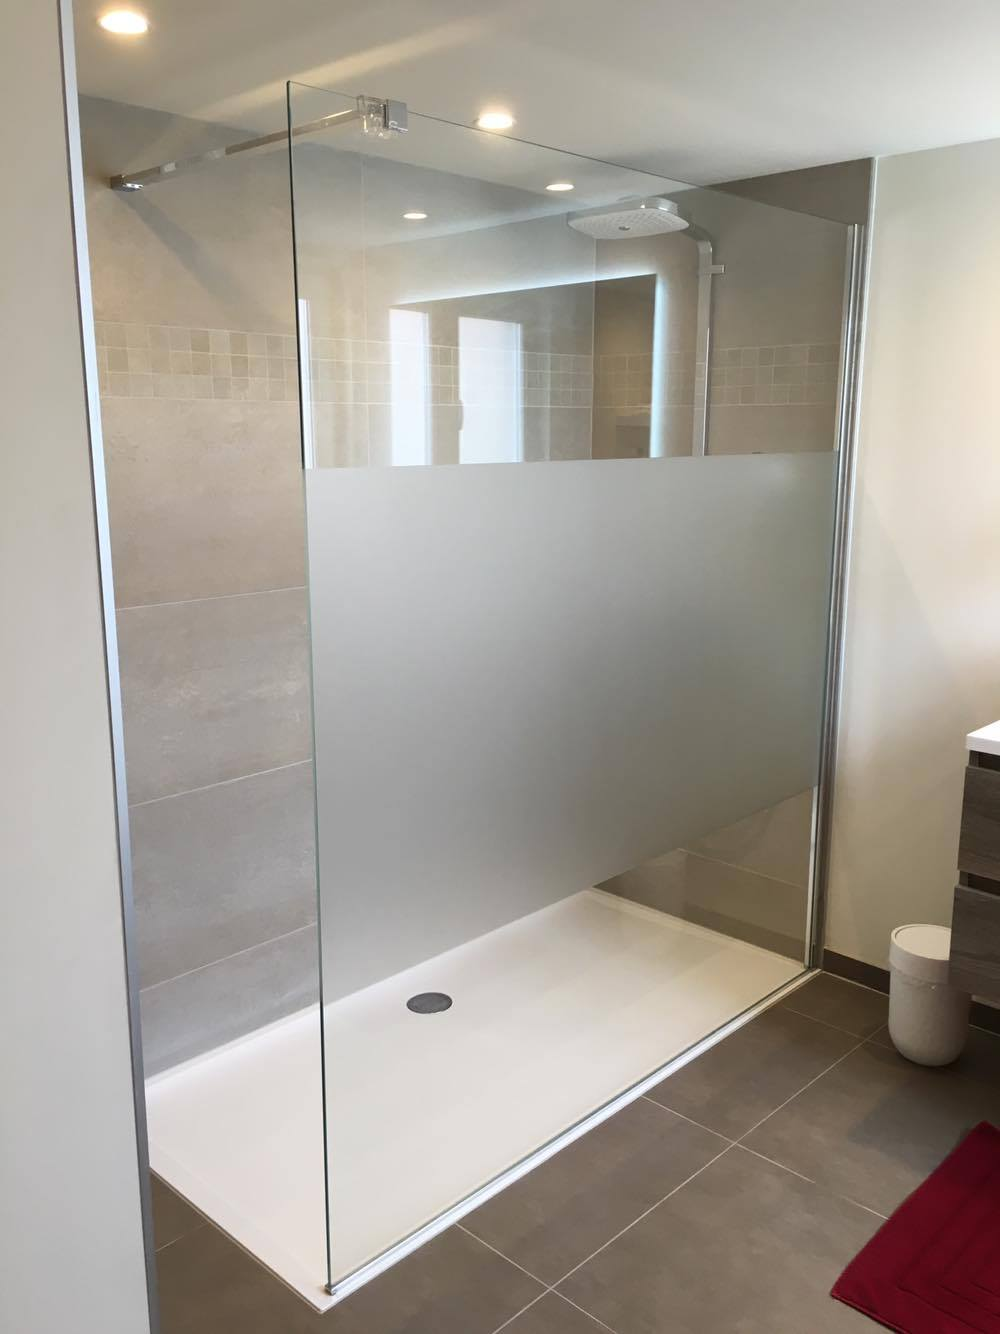 Moderne badkamer met inloopdouche cossyns alle maatwerk renovaties - Moderne badkamer tegelvloeren ...